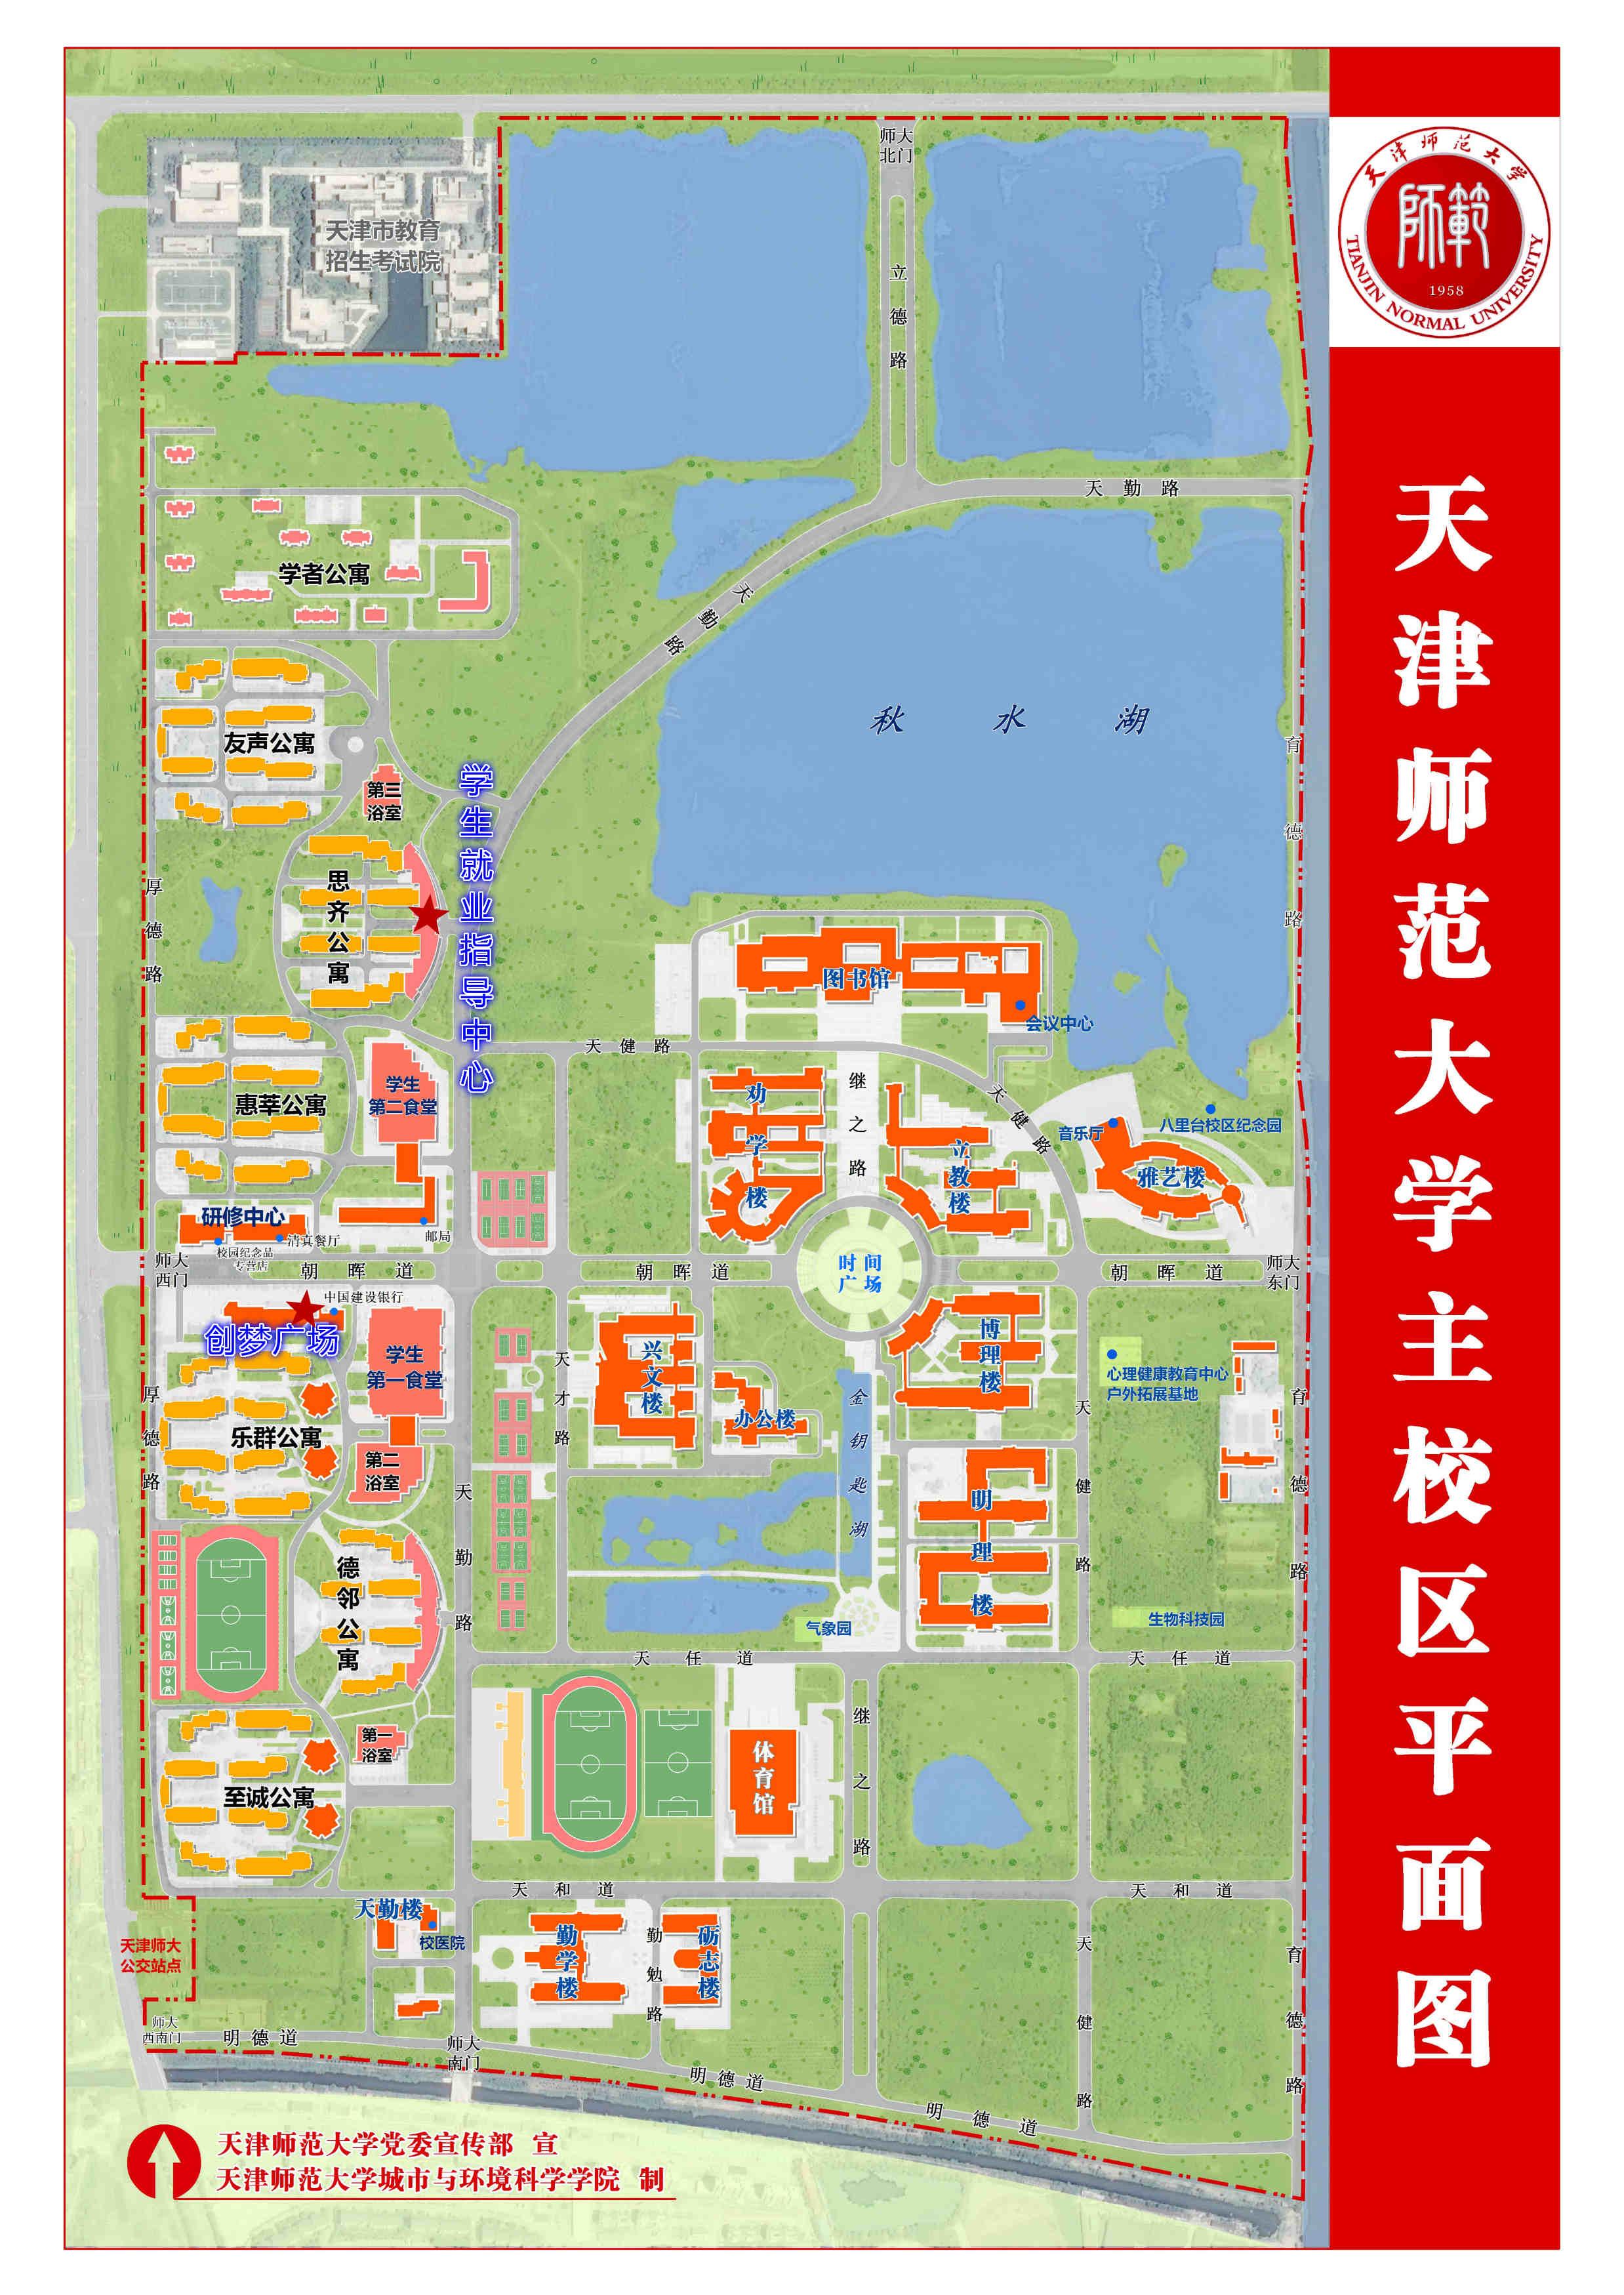 校园地图_副本.jpg